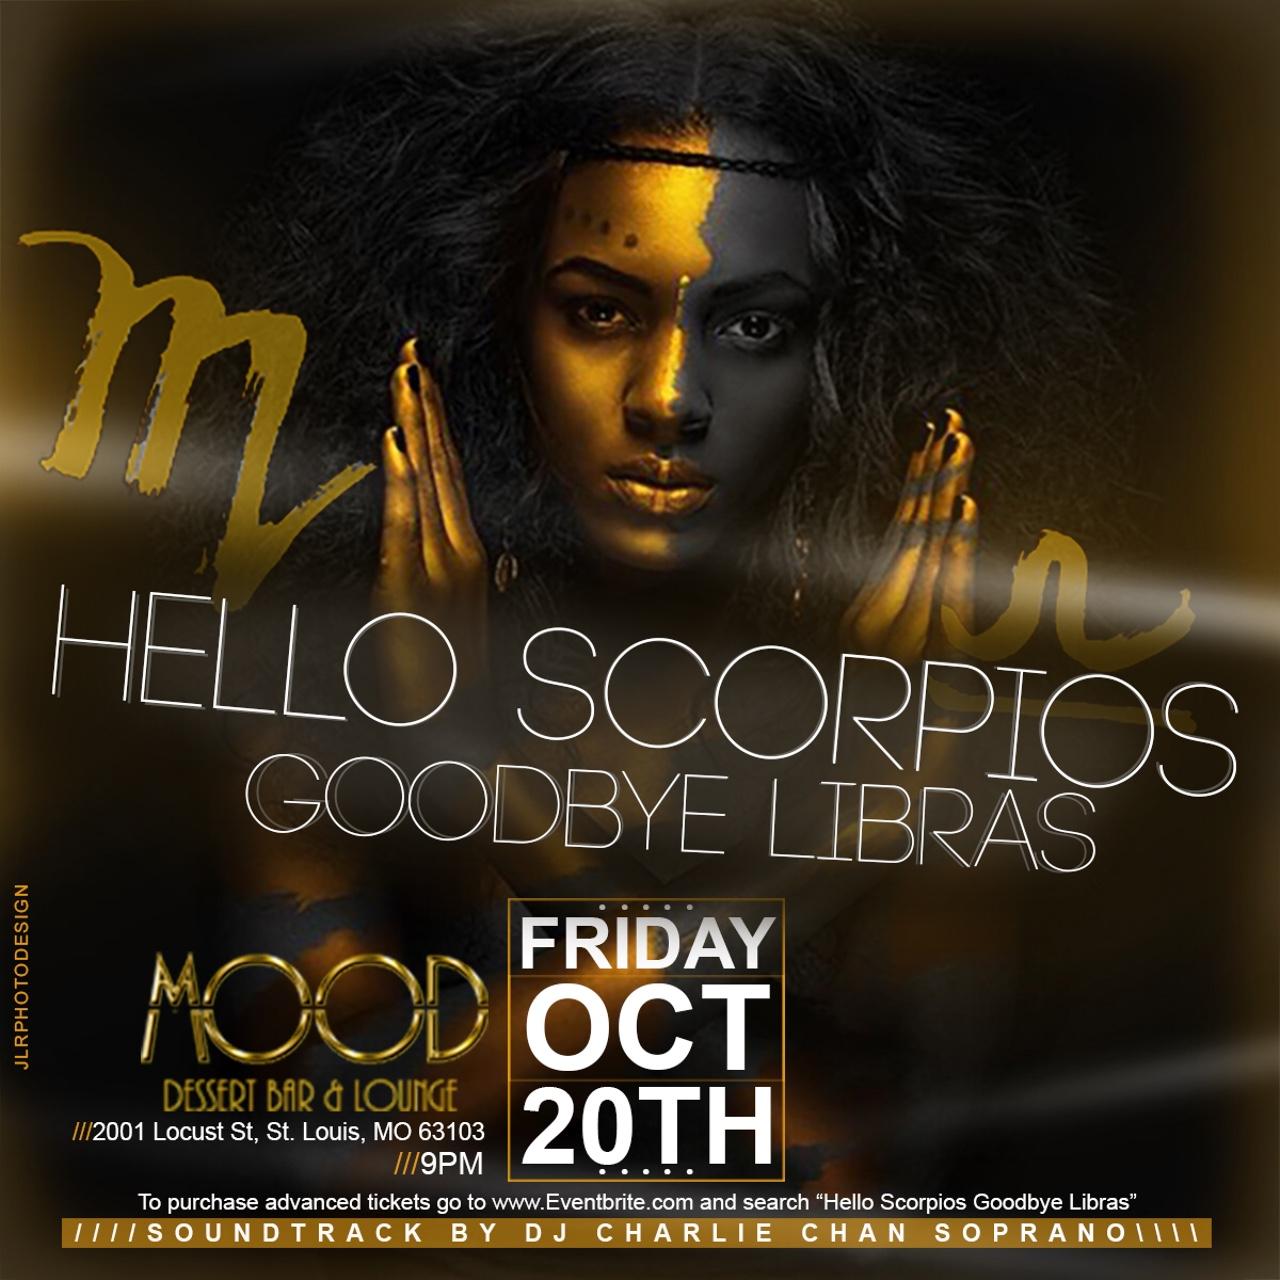 Flier for Hello Scorpios Goodbye Libras